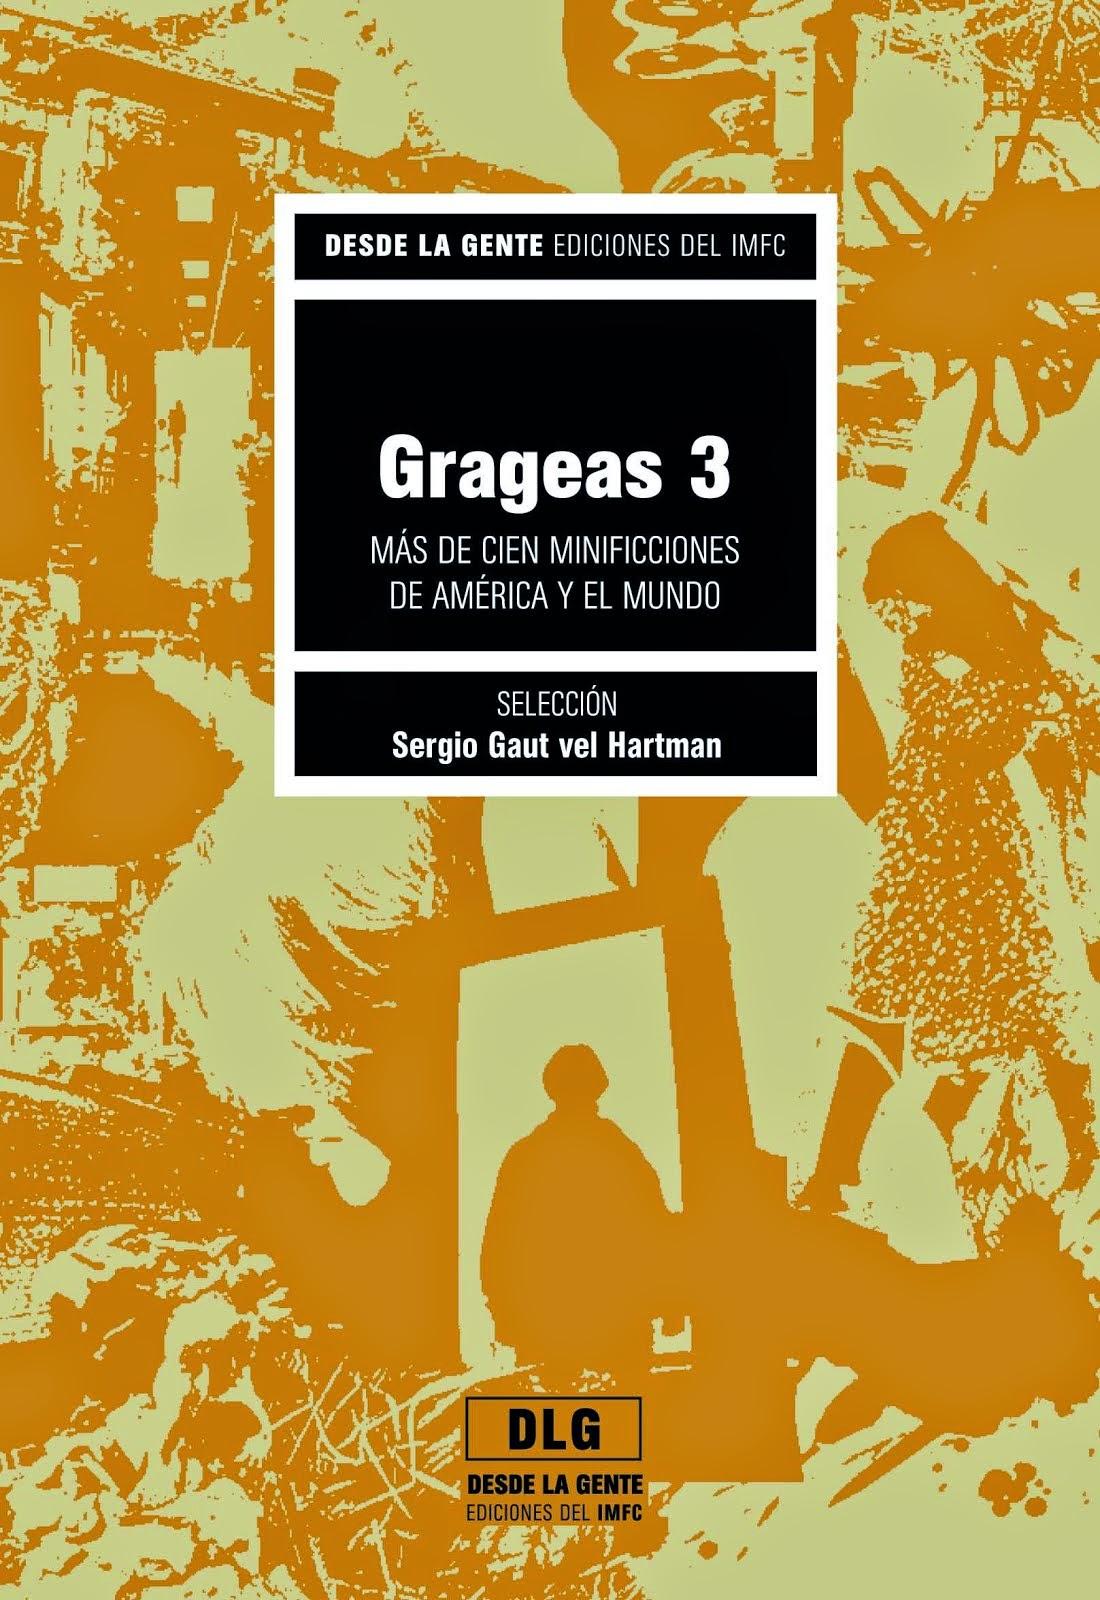 Grageas 3